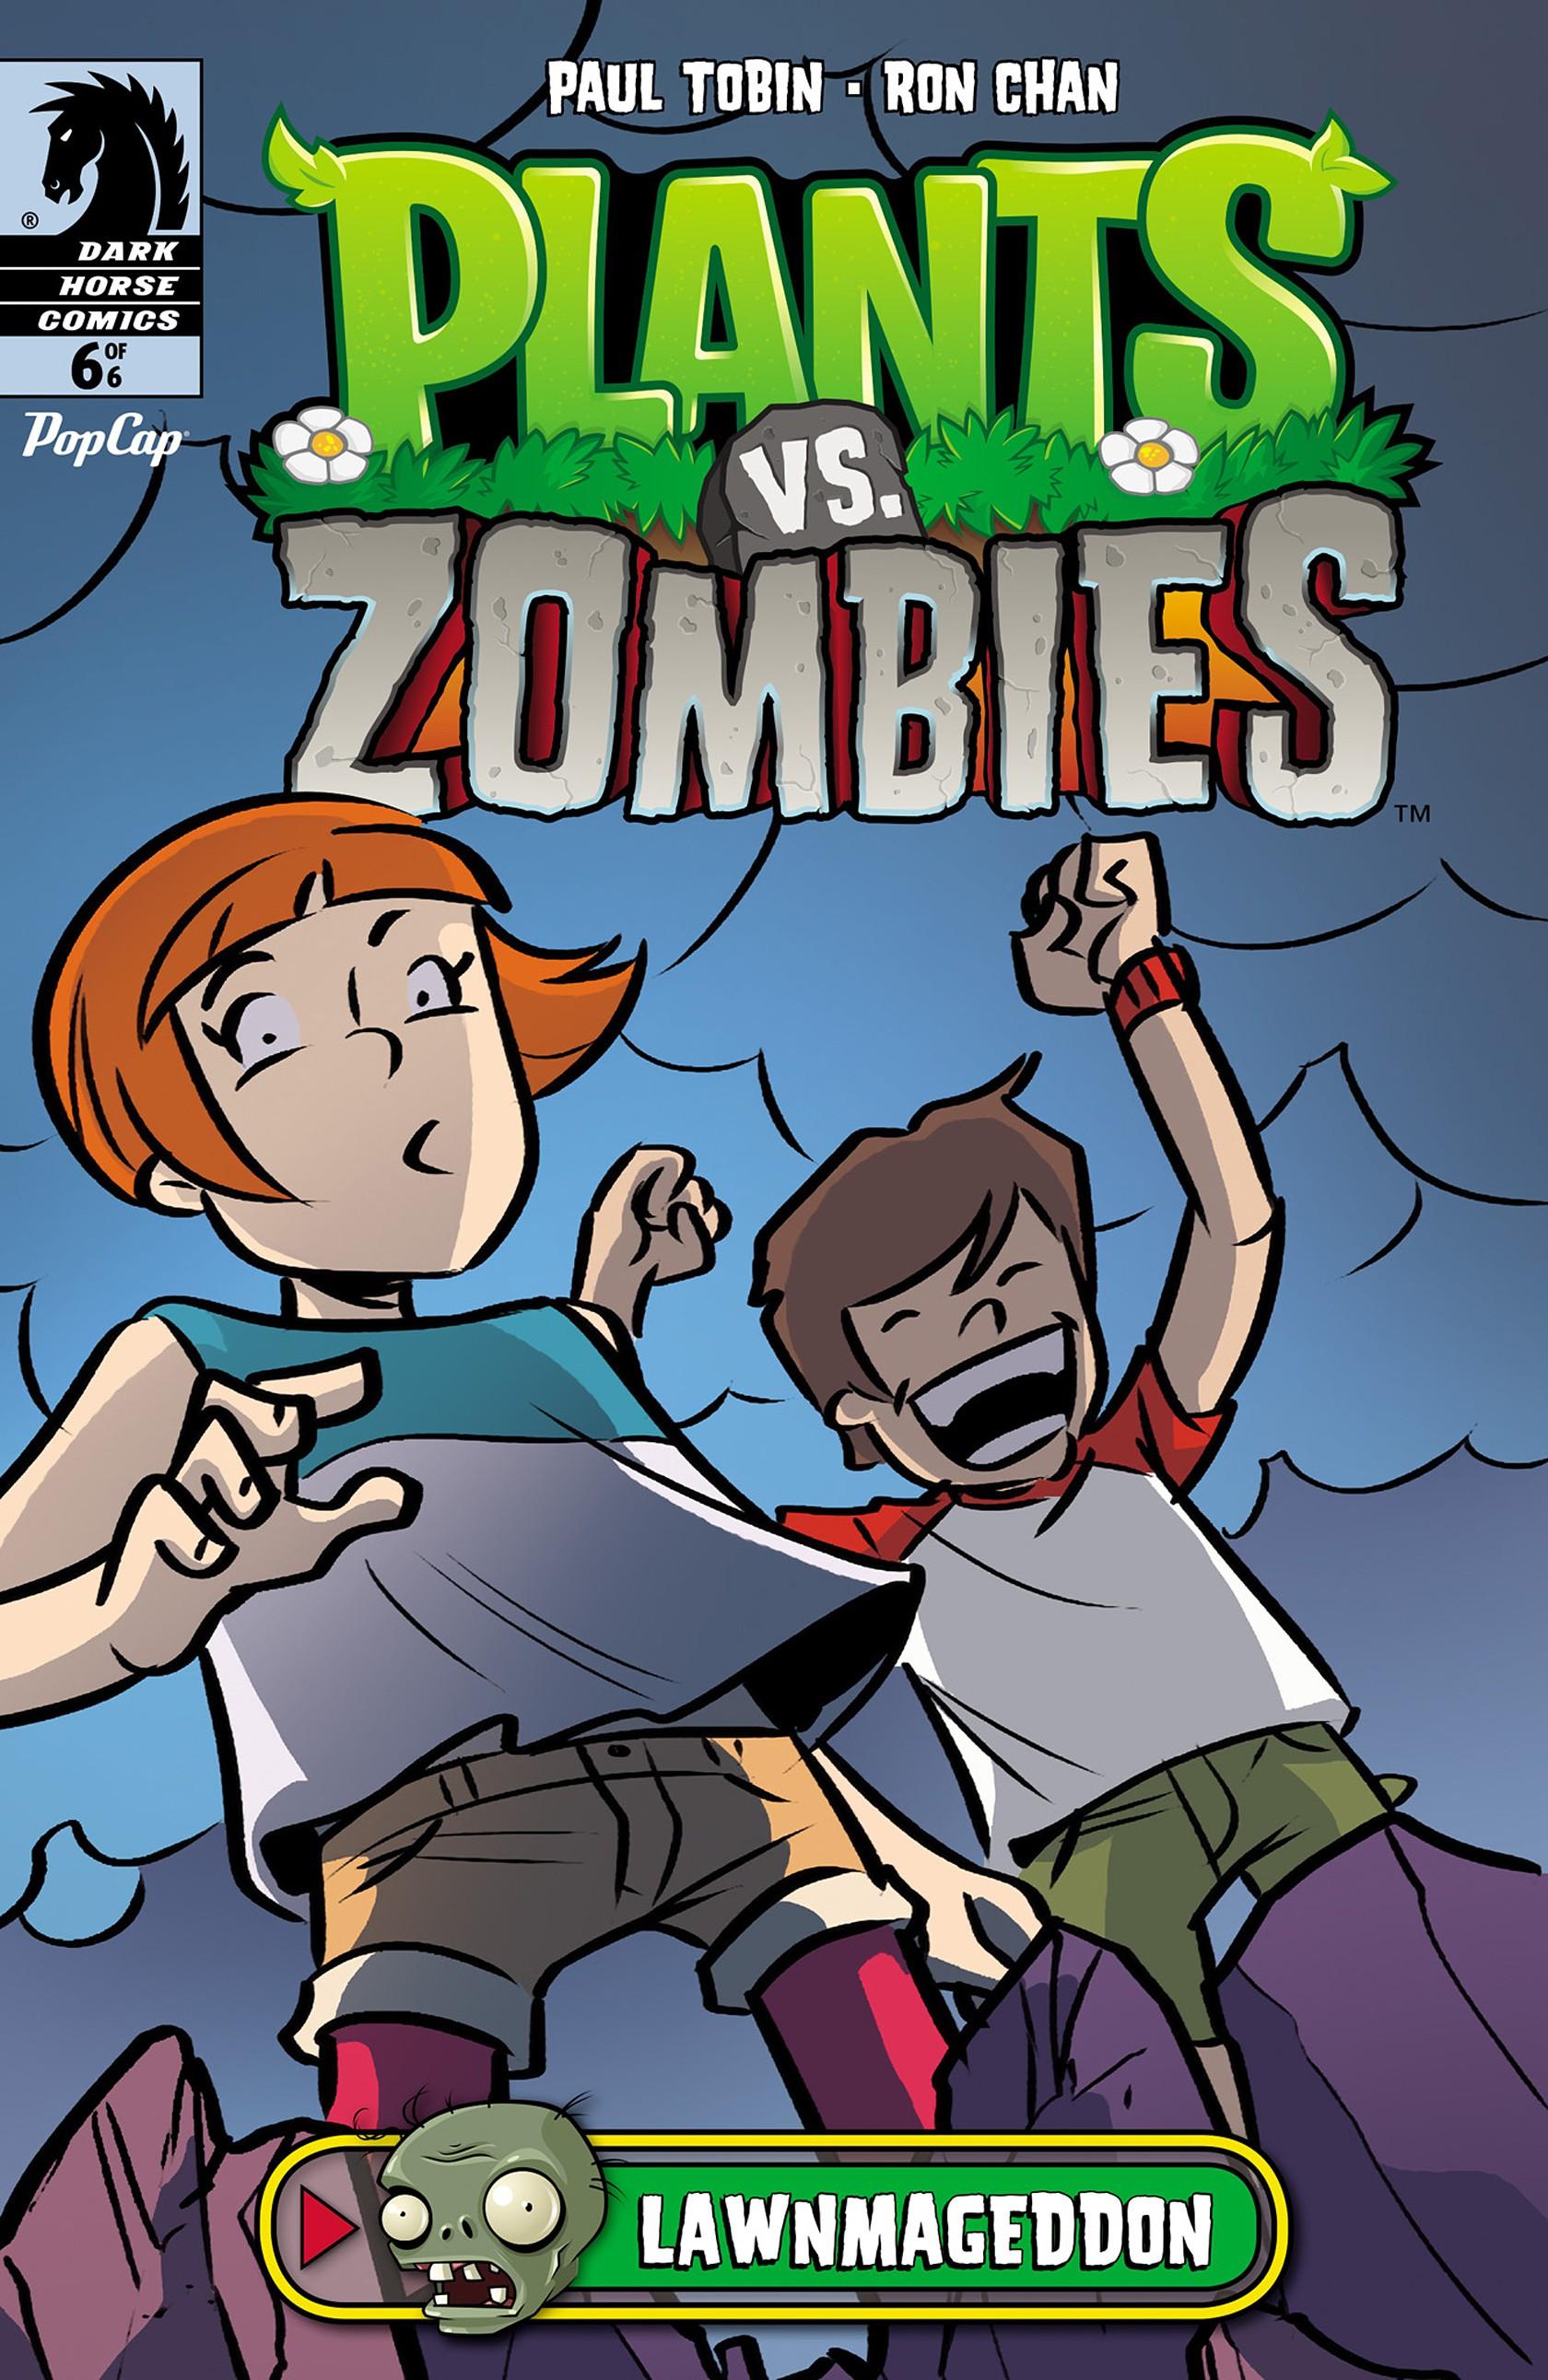 formatfactoryplants_vs_zombies_006-001.jpg